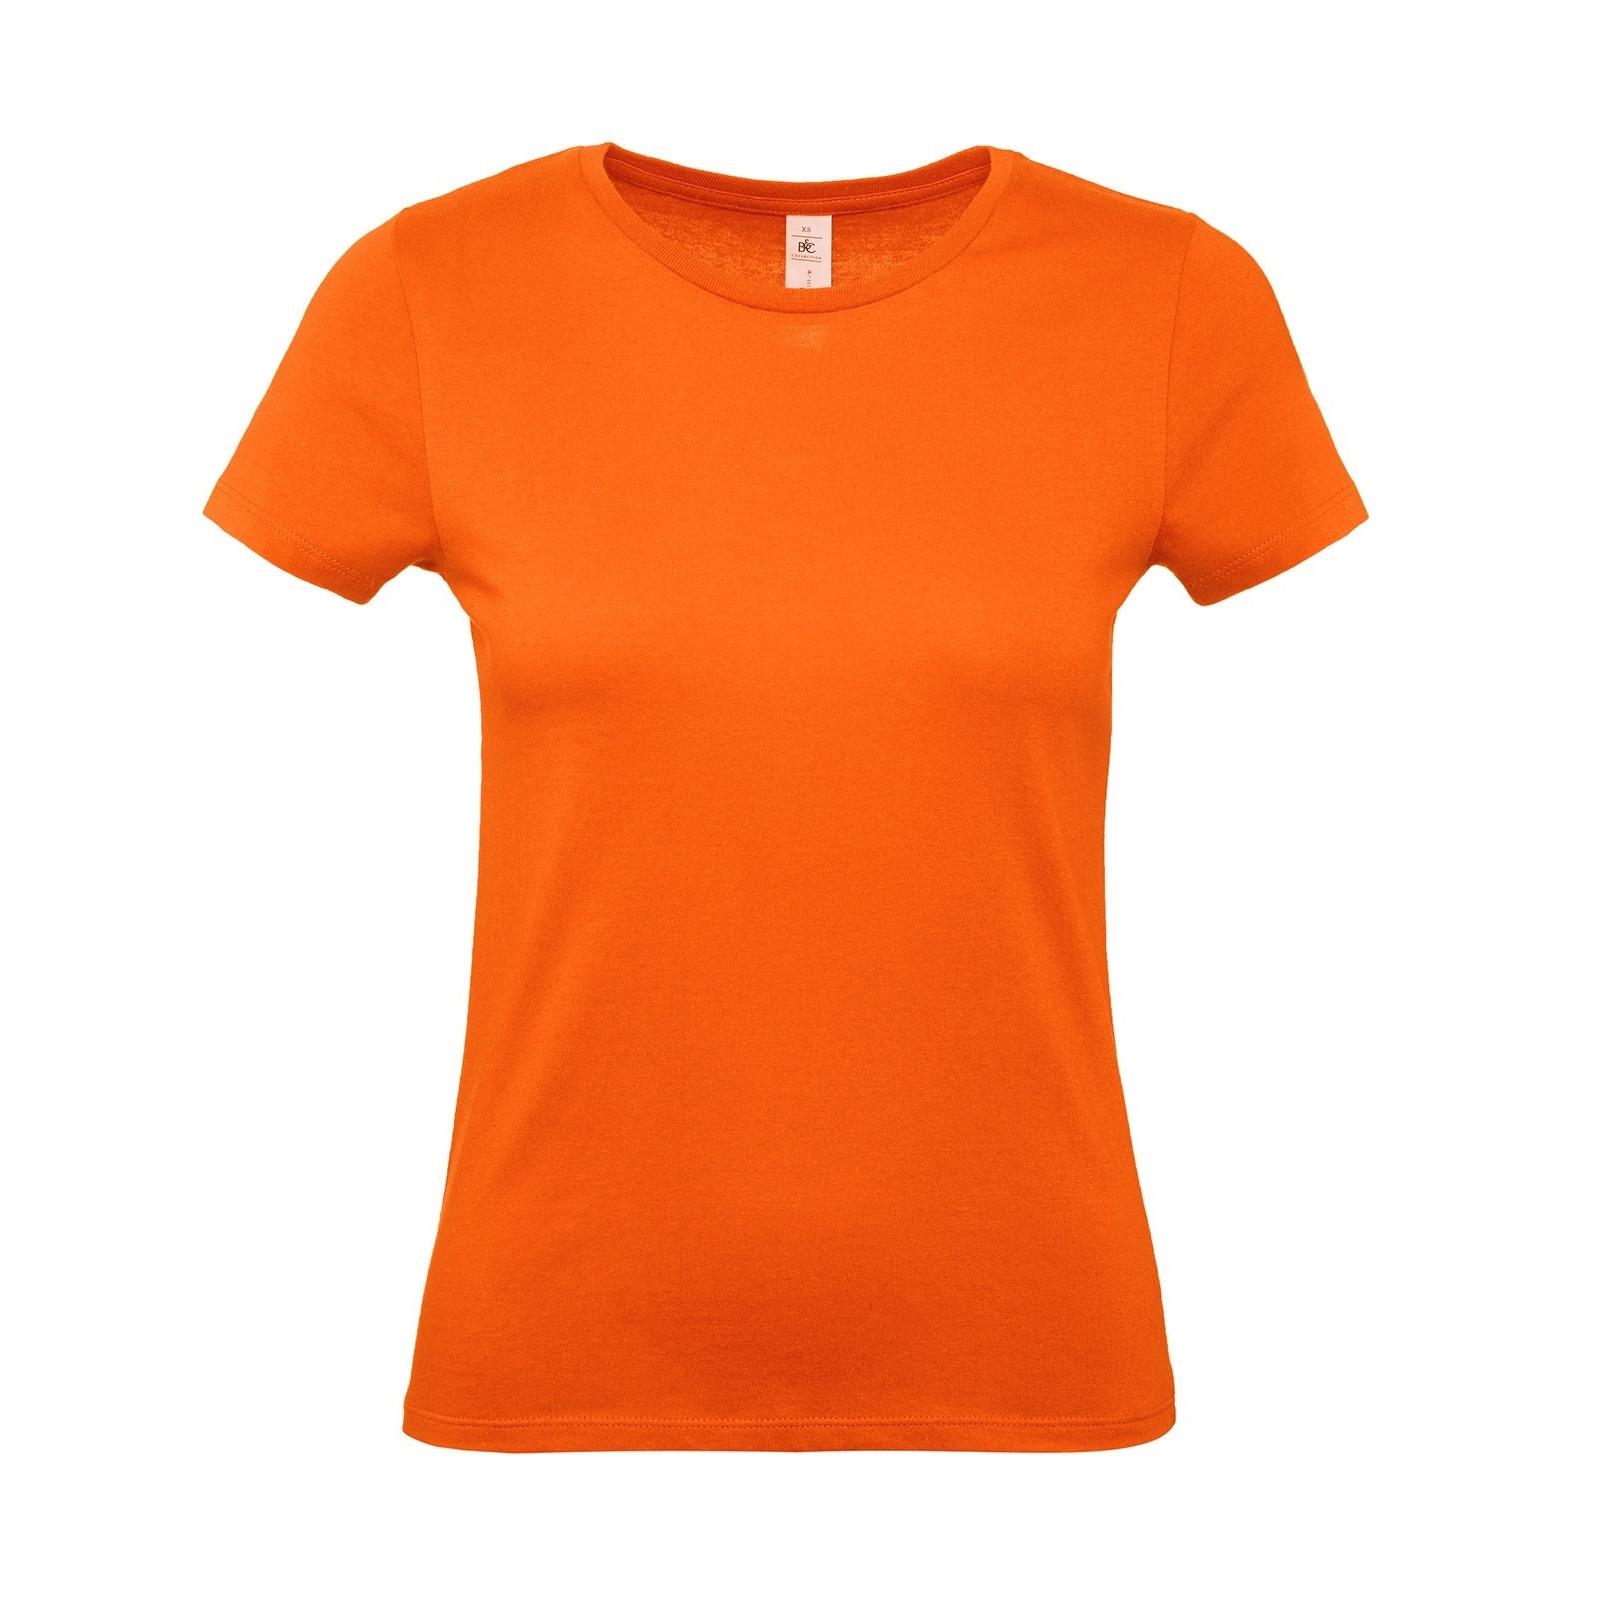 Oranje Koningsdag of supporter t-shirts met ronde hals voor dames